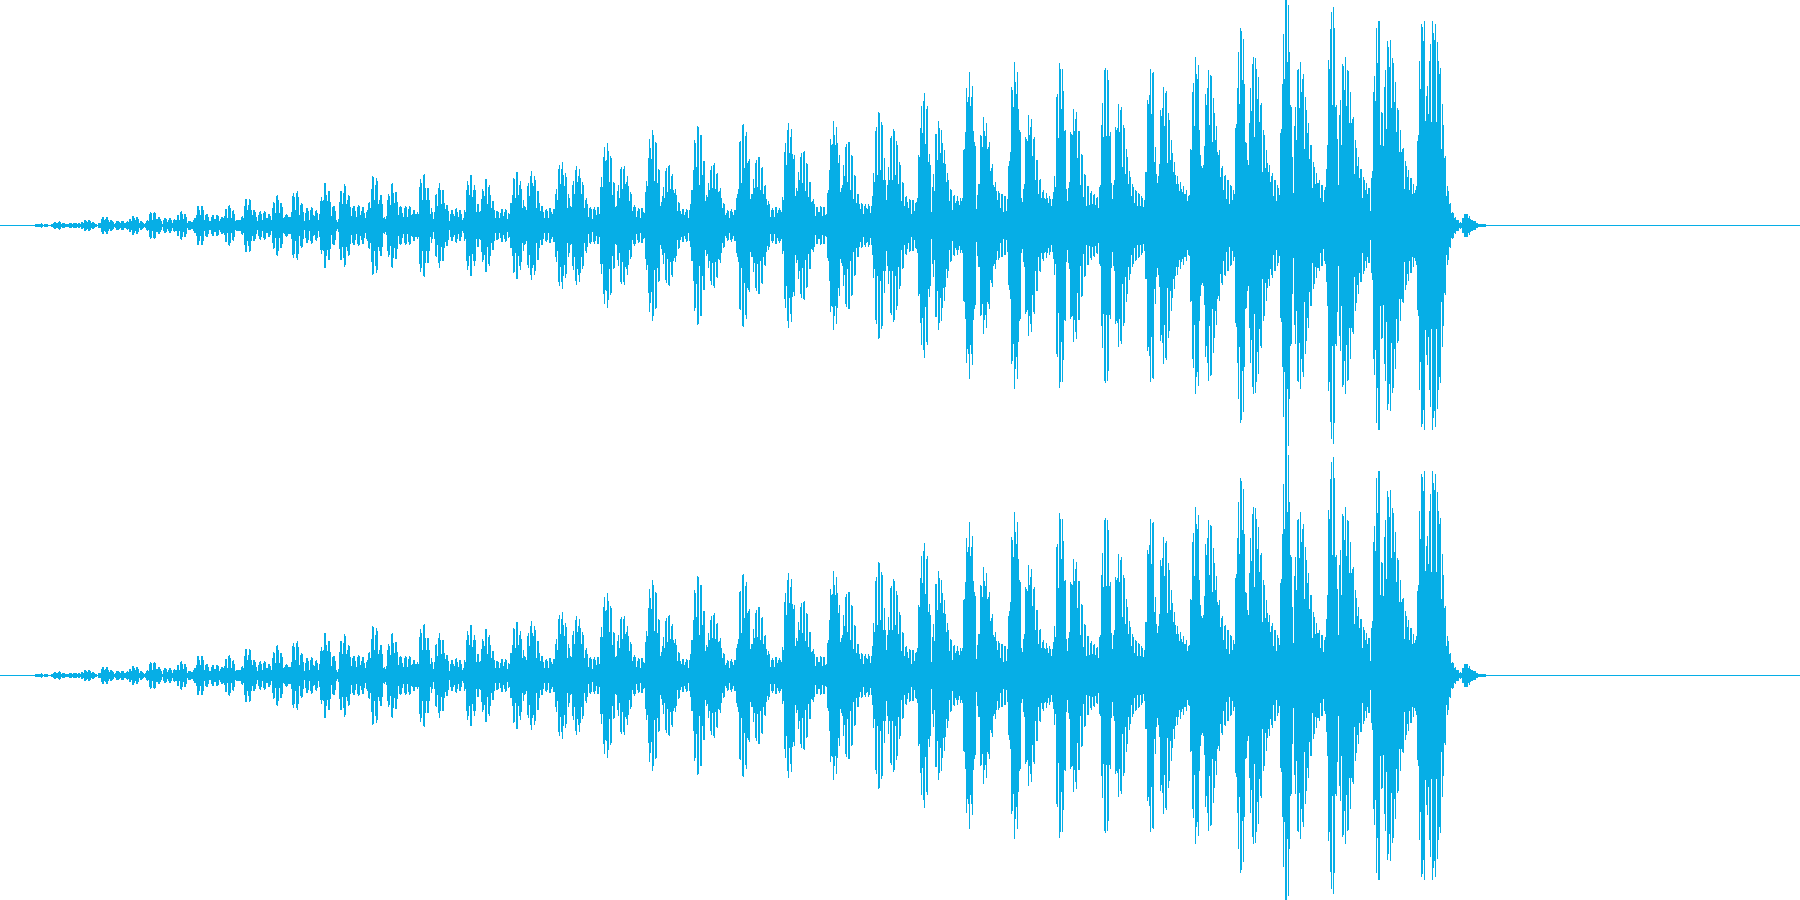 クワッ コミカルの再生済みの波形